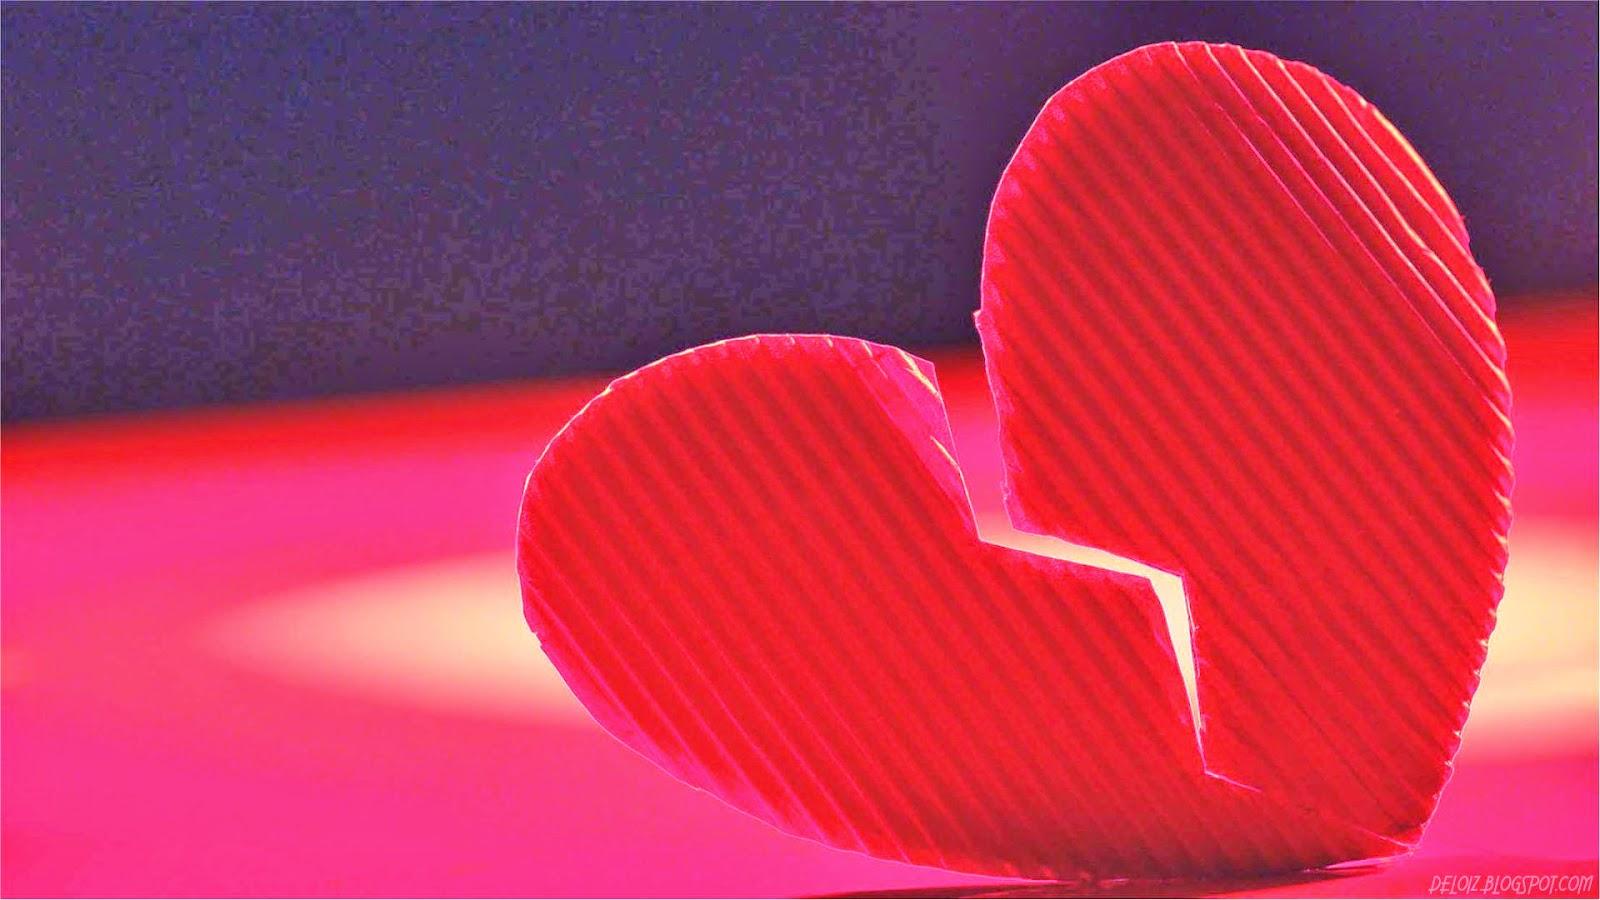 Broken Heart Wallpaper HD 1080p   Deloiz Wallpaper